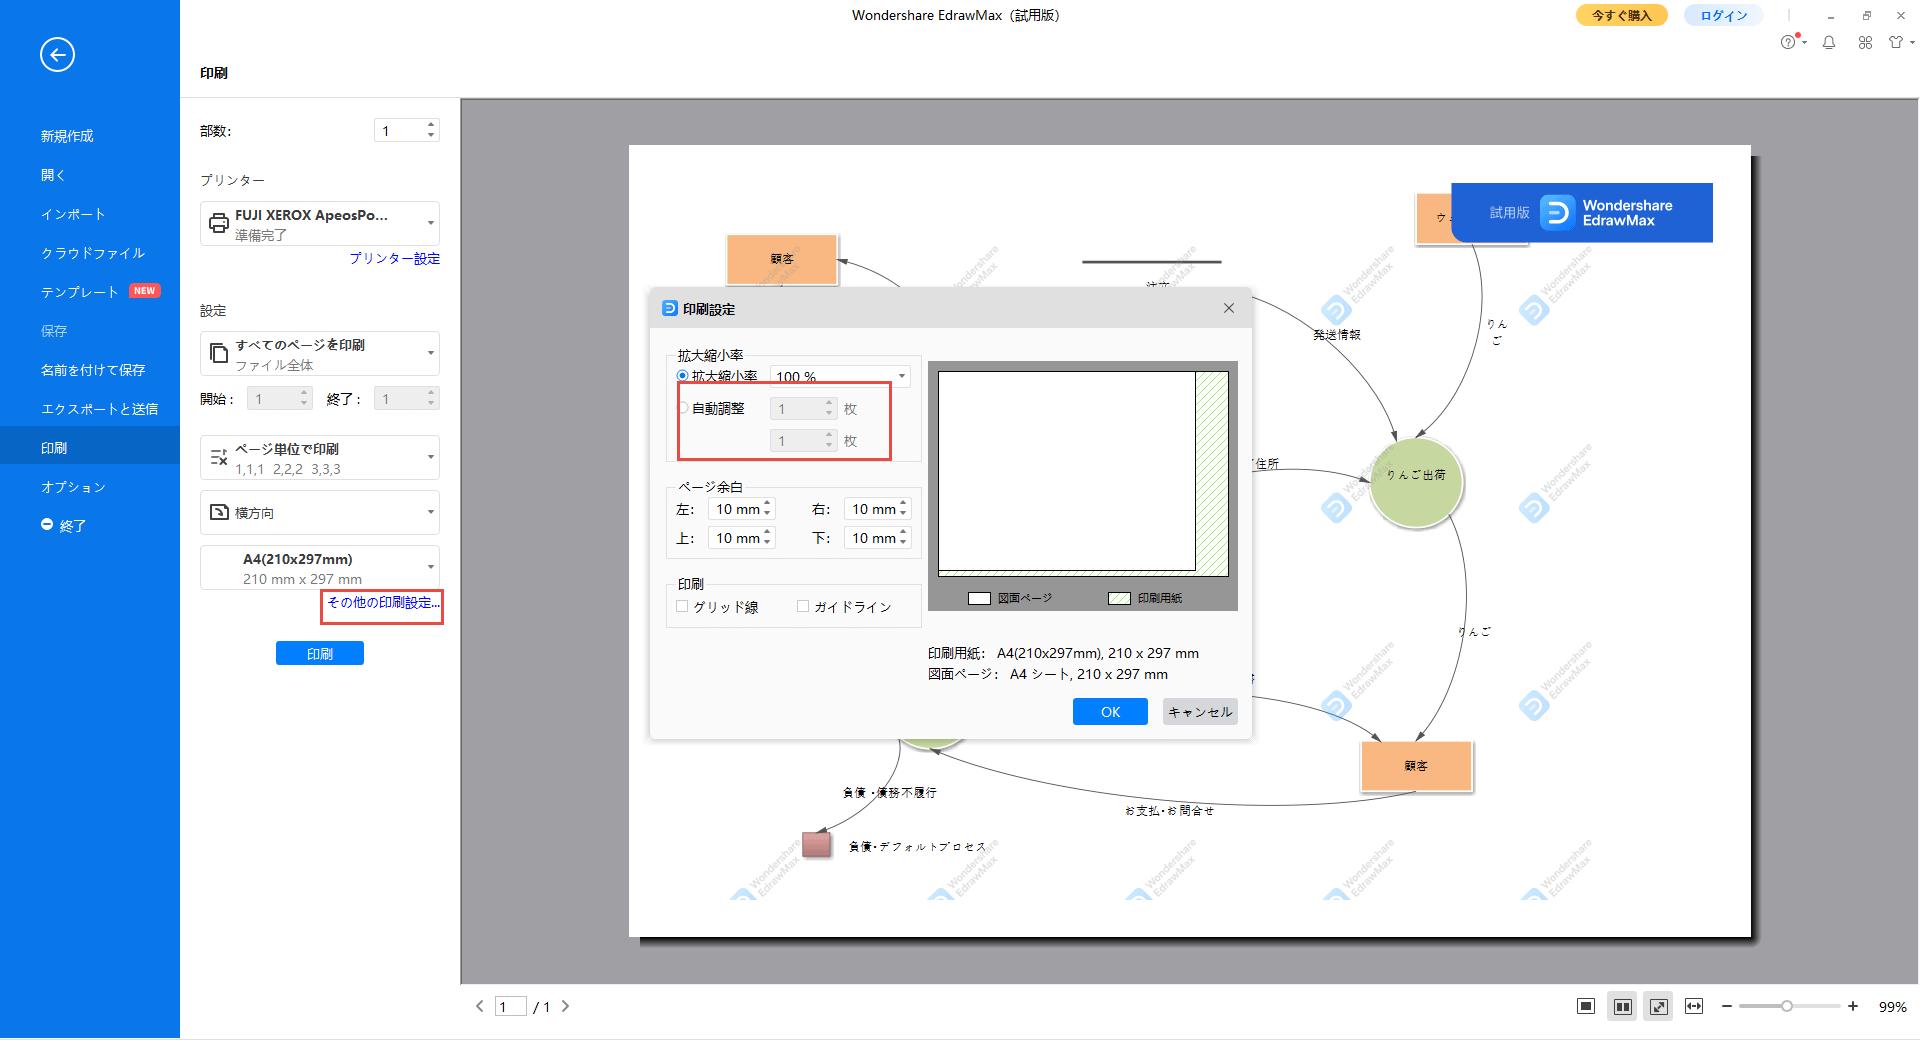 データフロー図の印刷